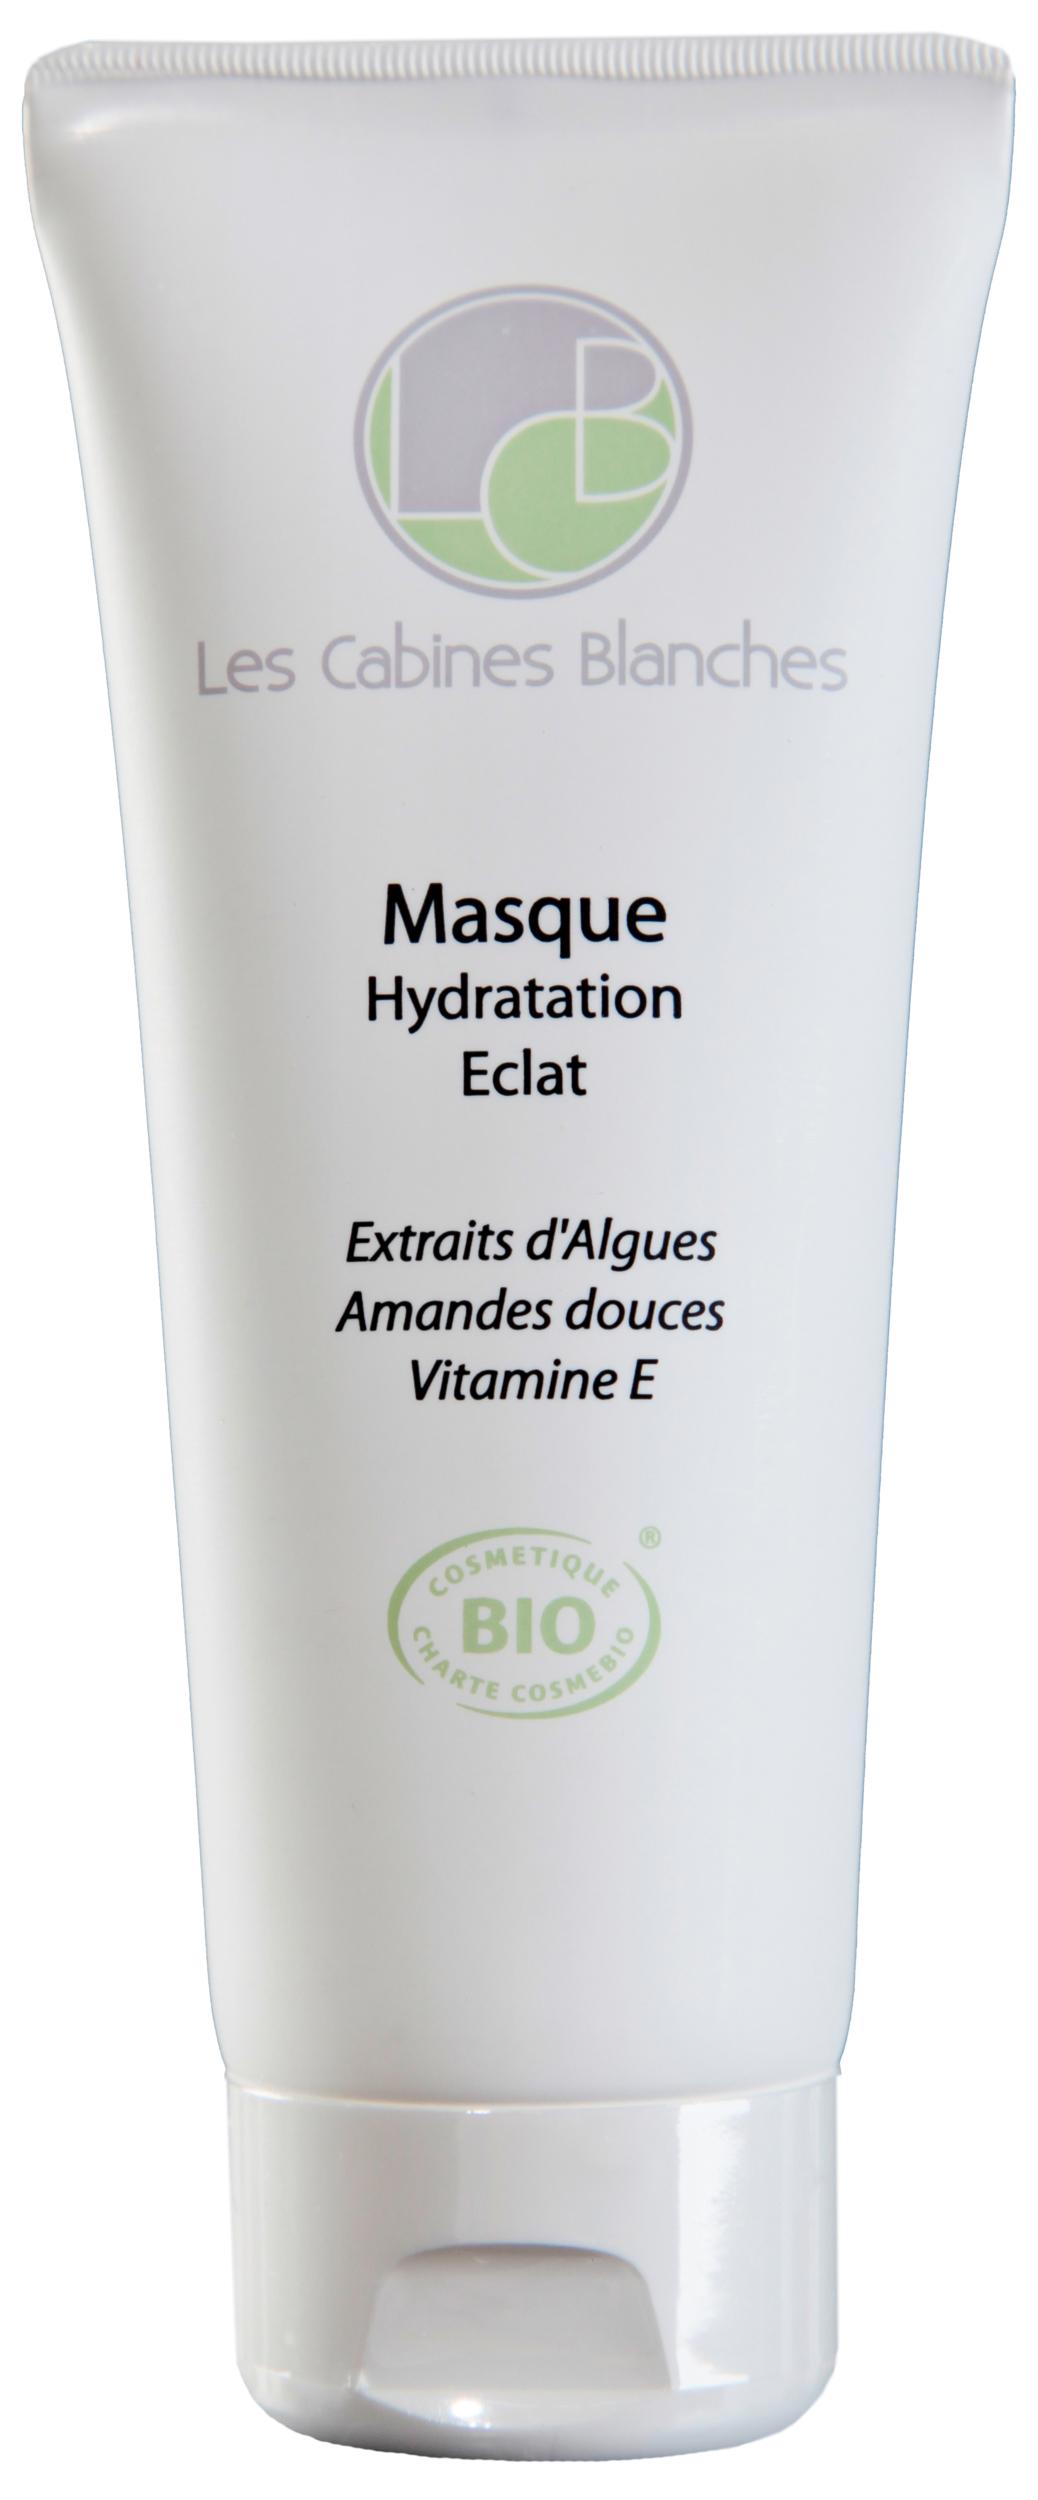 Doux Good - Les Cabines Blanches - Masque Hydratant bio - spécial eclat